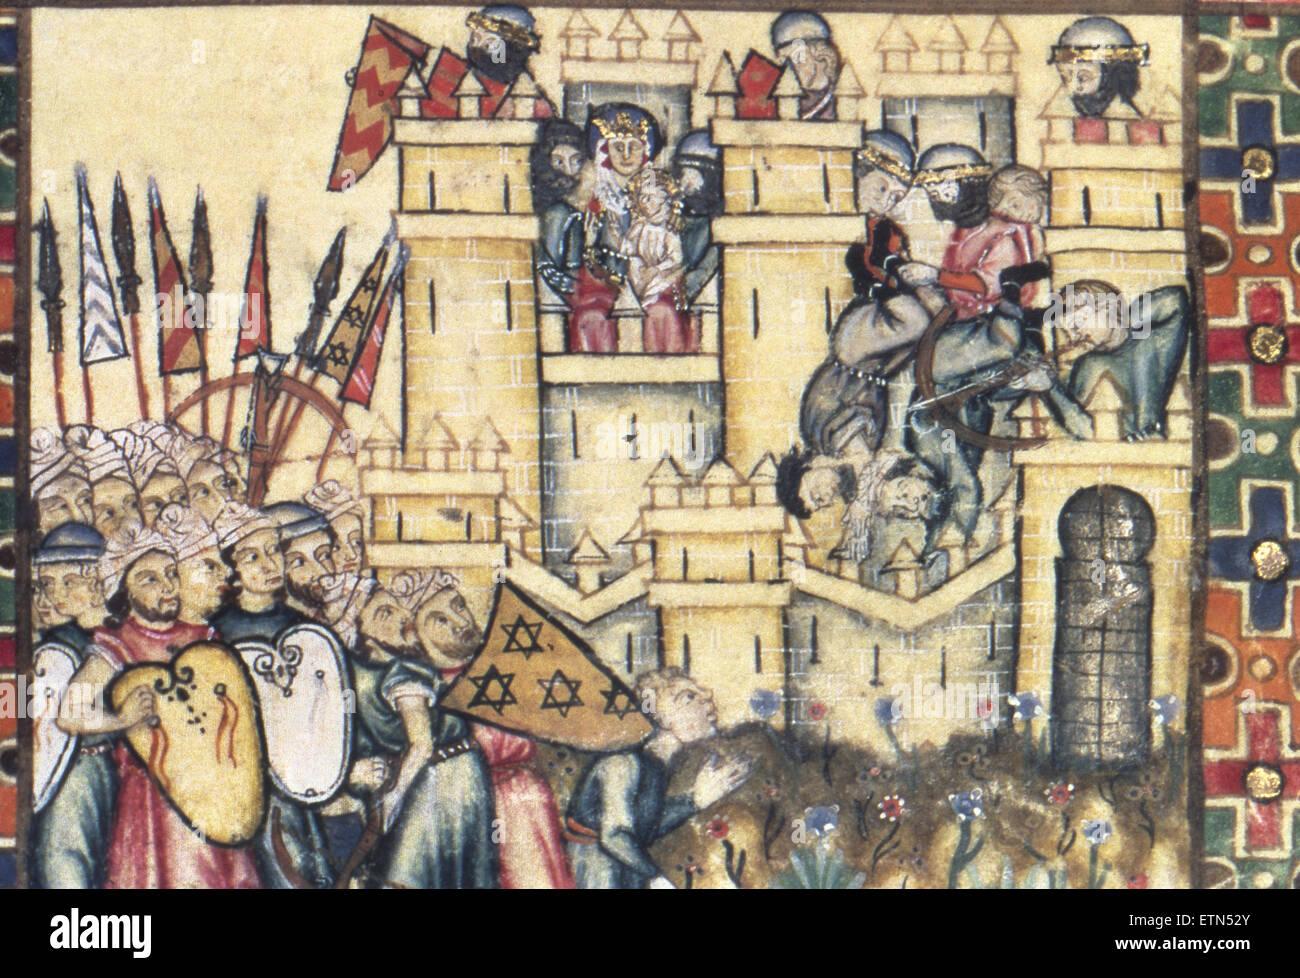 I cantici di Maria Santissima . Regno di Alfonso X. del XIII secolo. Miniatura. Dettaglio. Riconquista spagnola. Immagini Stock